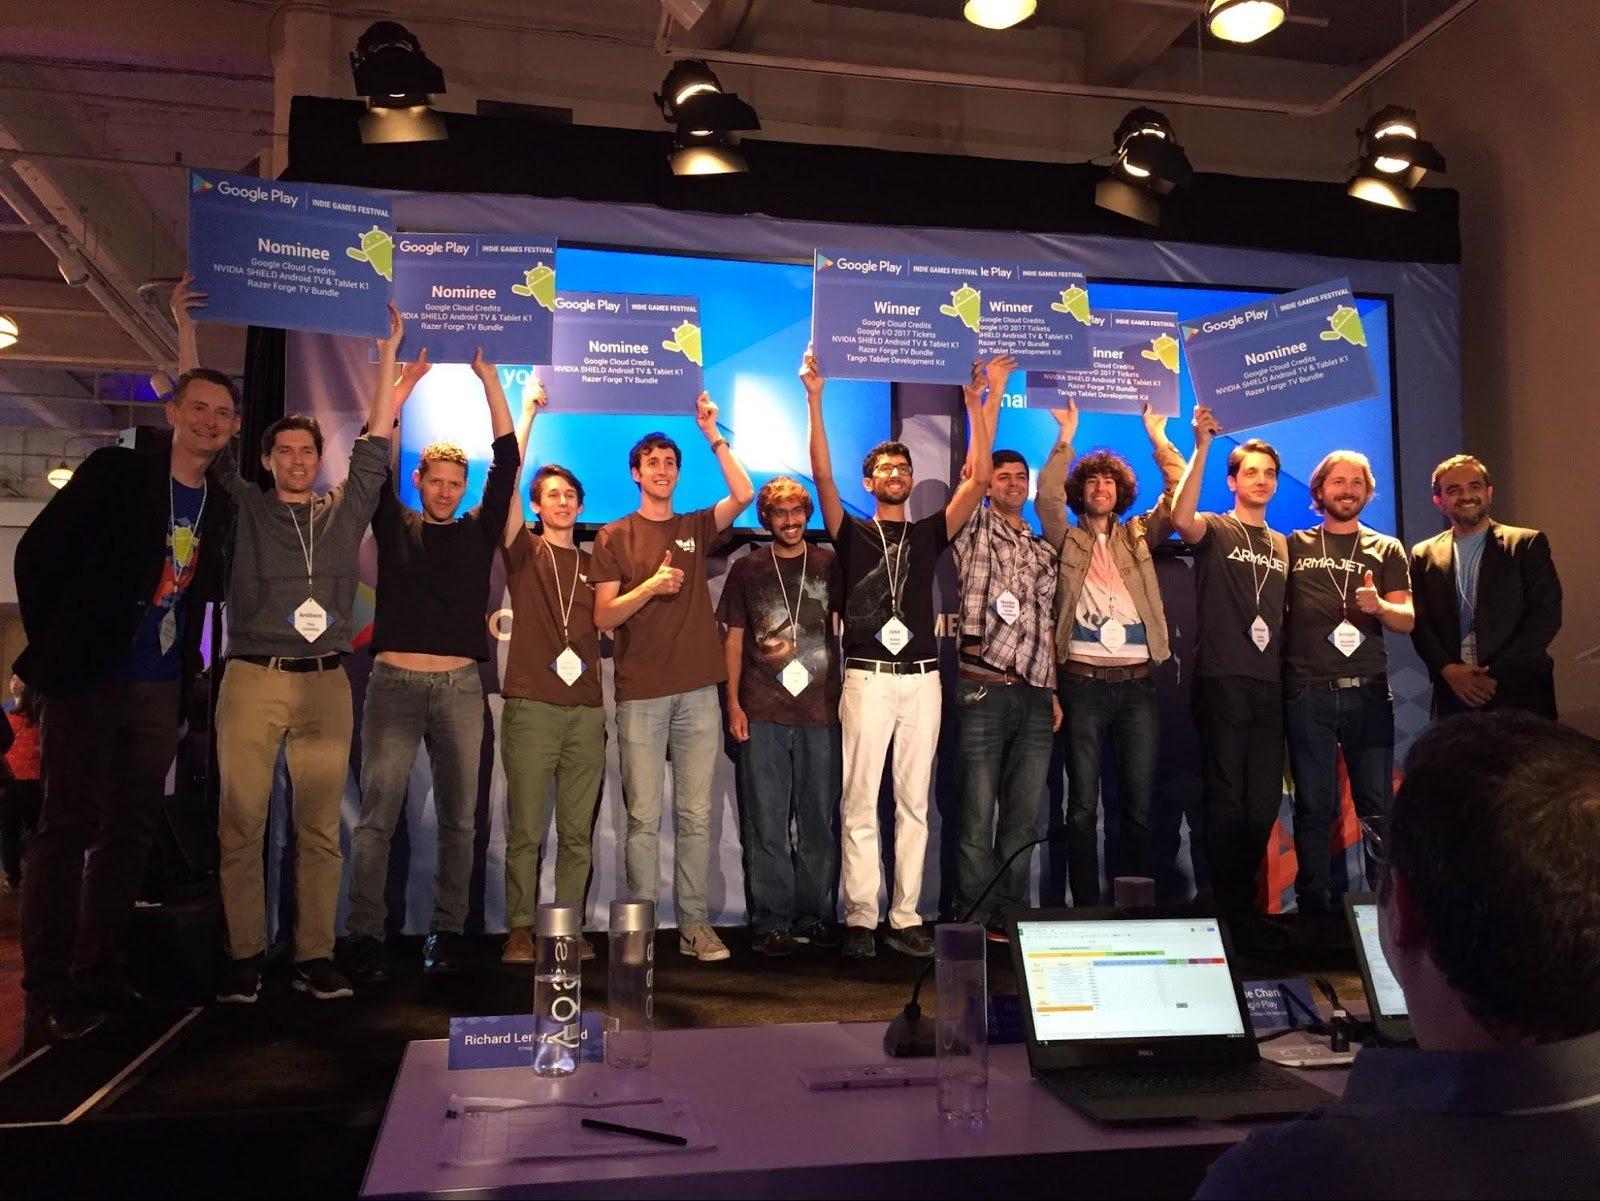 Google svela i vincitori del Google Play Indie Games Festival e annuncia l'arrivo in Europa